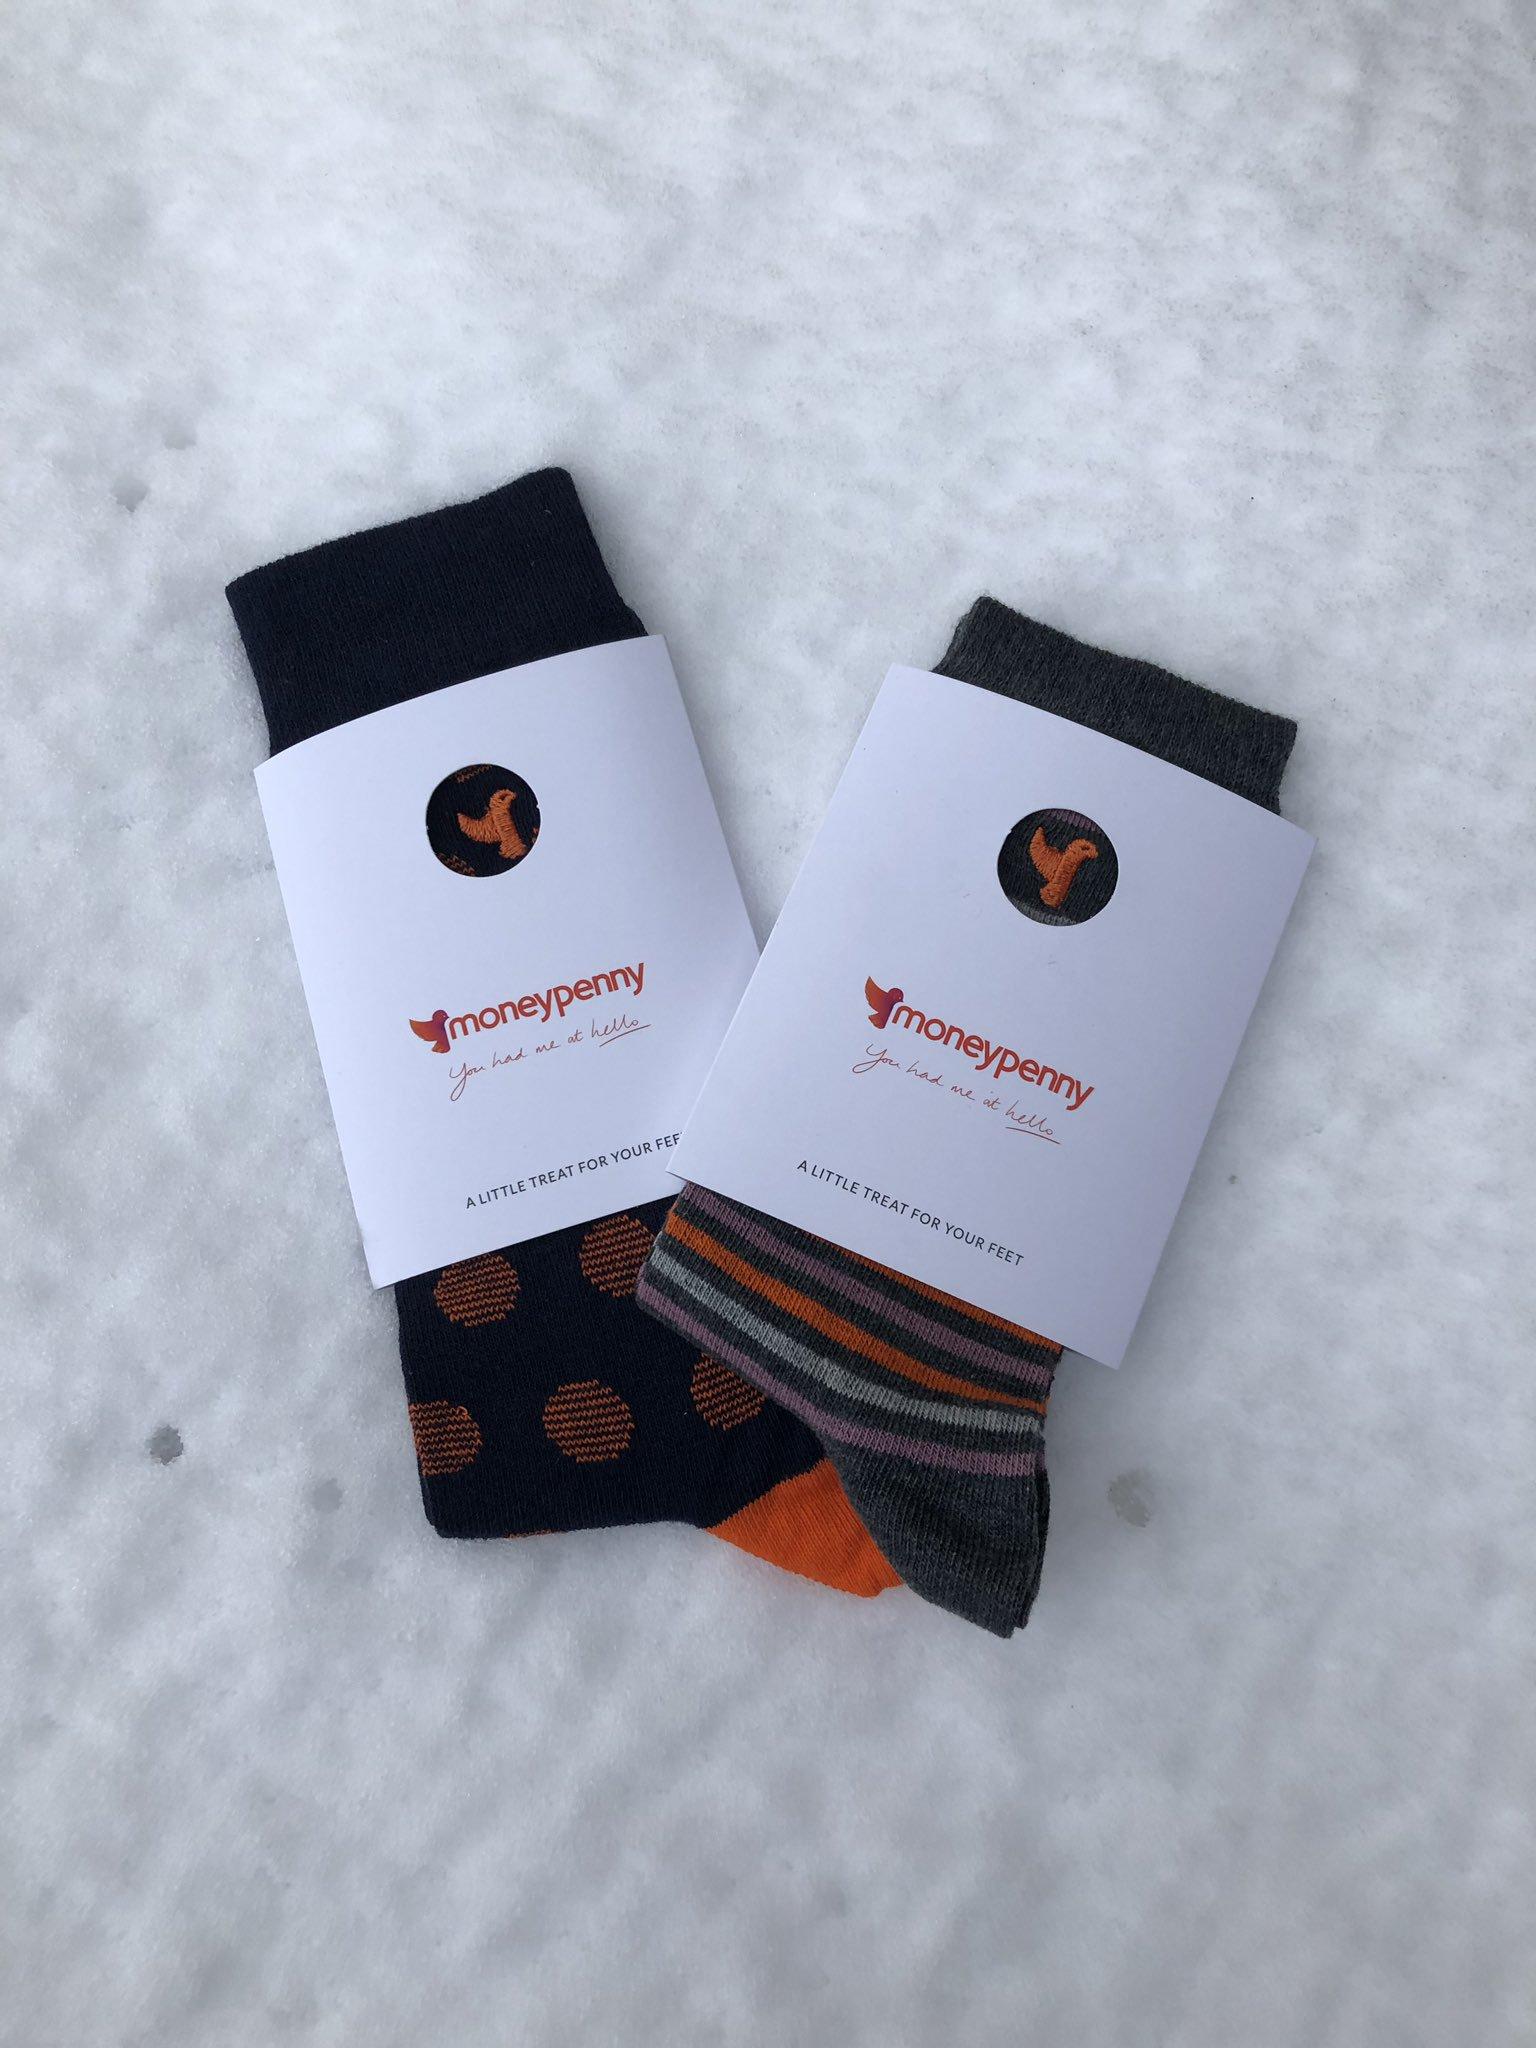 Moneypenny socks